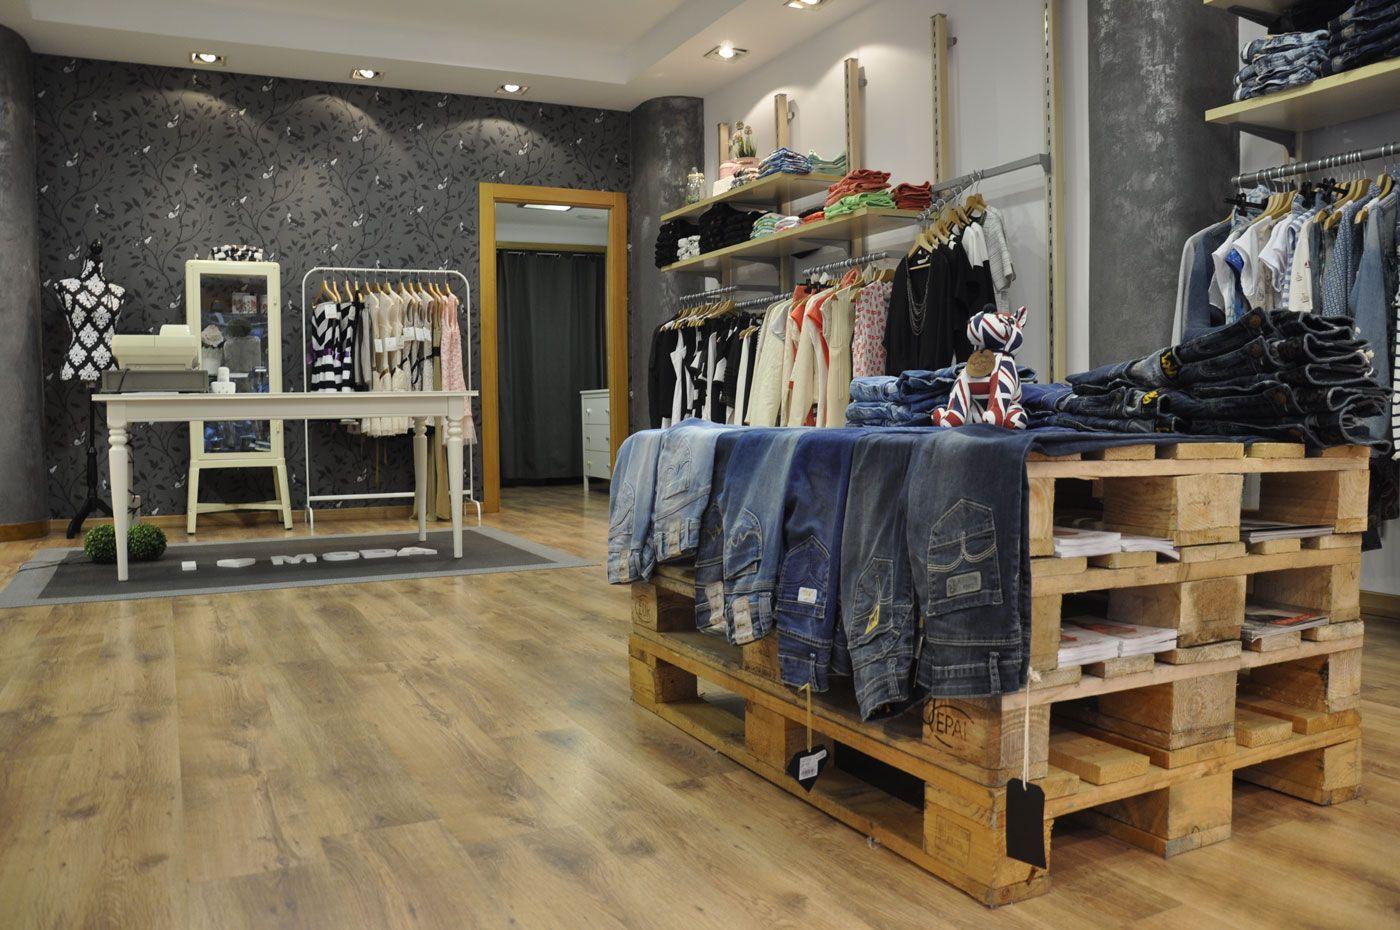 Dise os de tiendas de ropa buscar con google for Disenos de interiores para negocios